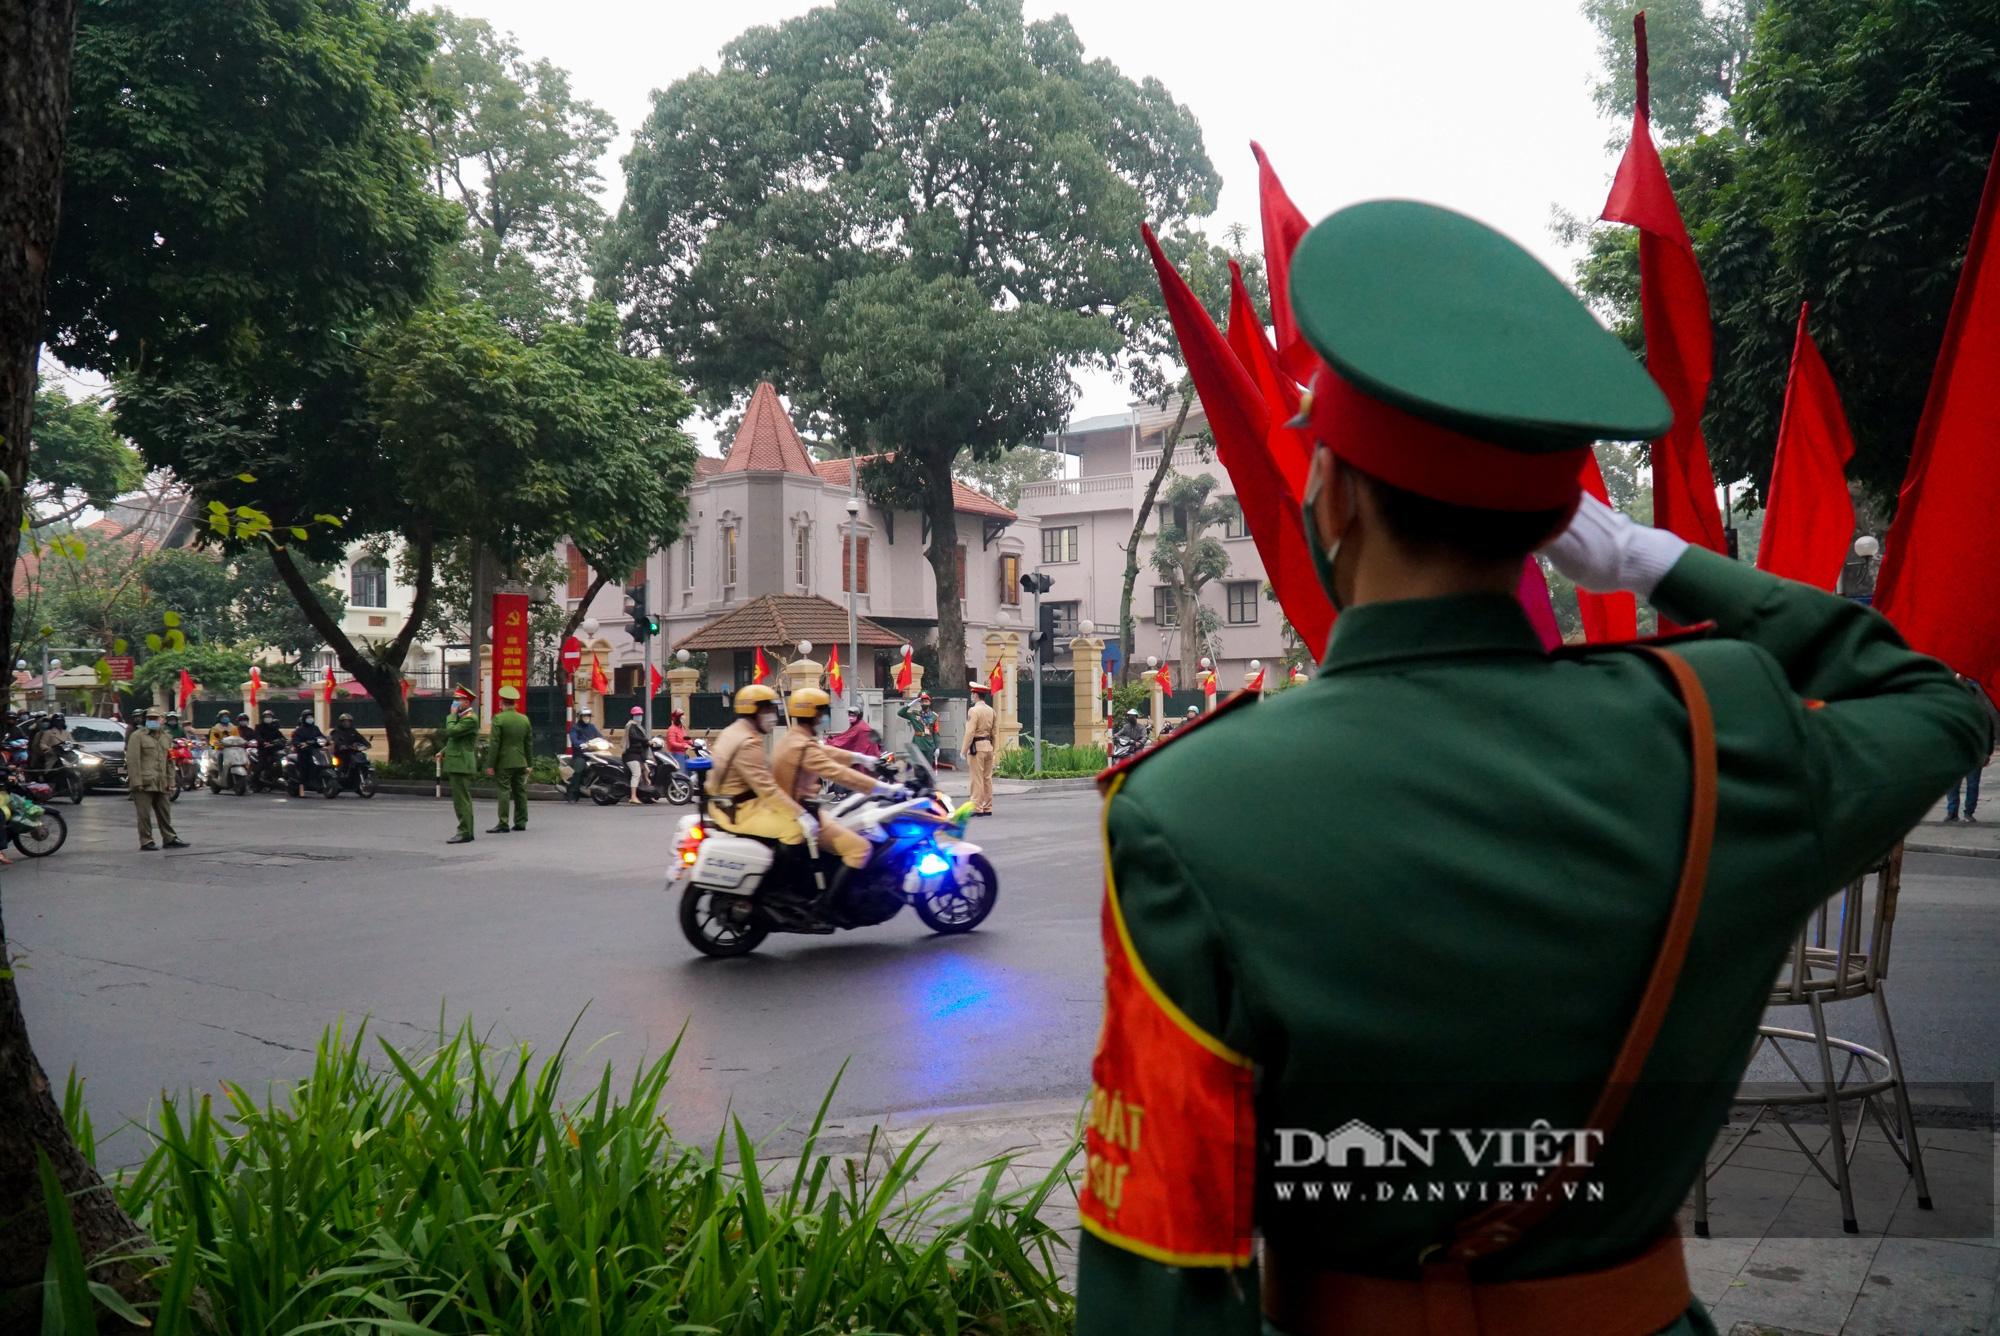 Hình ảnh đoàn xe đại biểu từ Lăng Bác về Trung tâm Hội nghị Quốc gia - Ảnh 9.